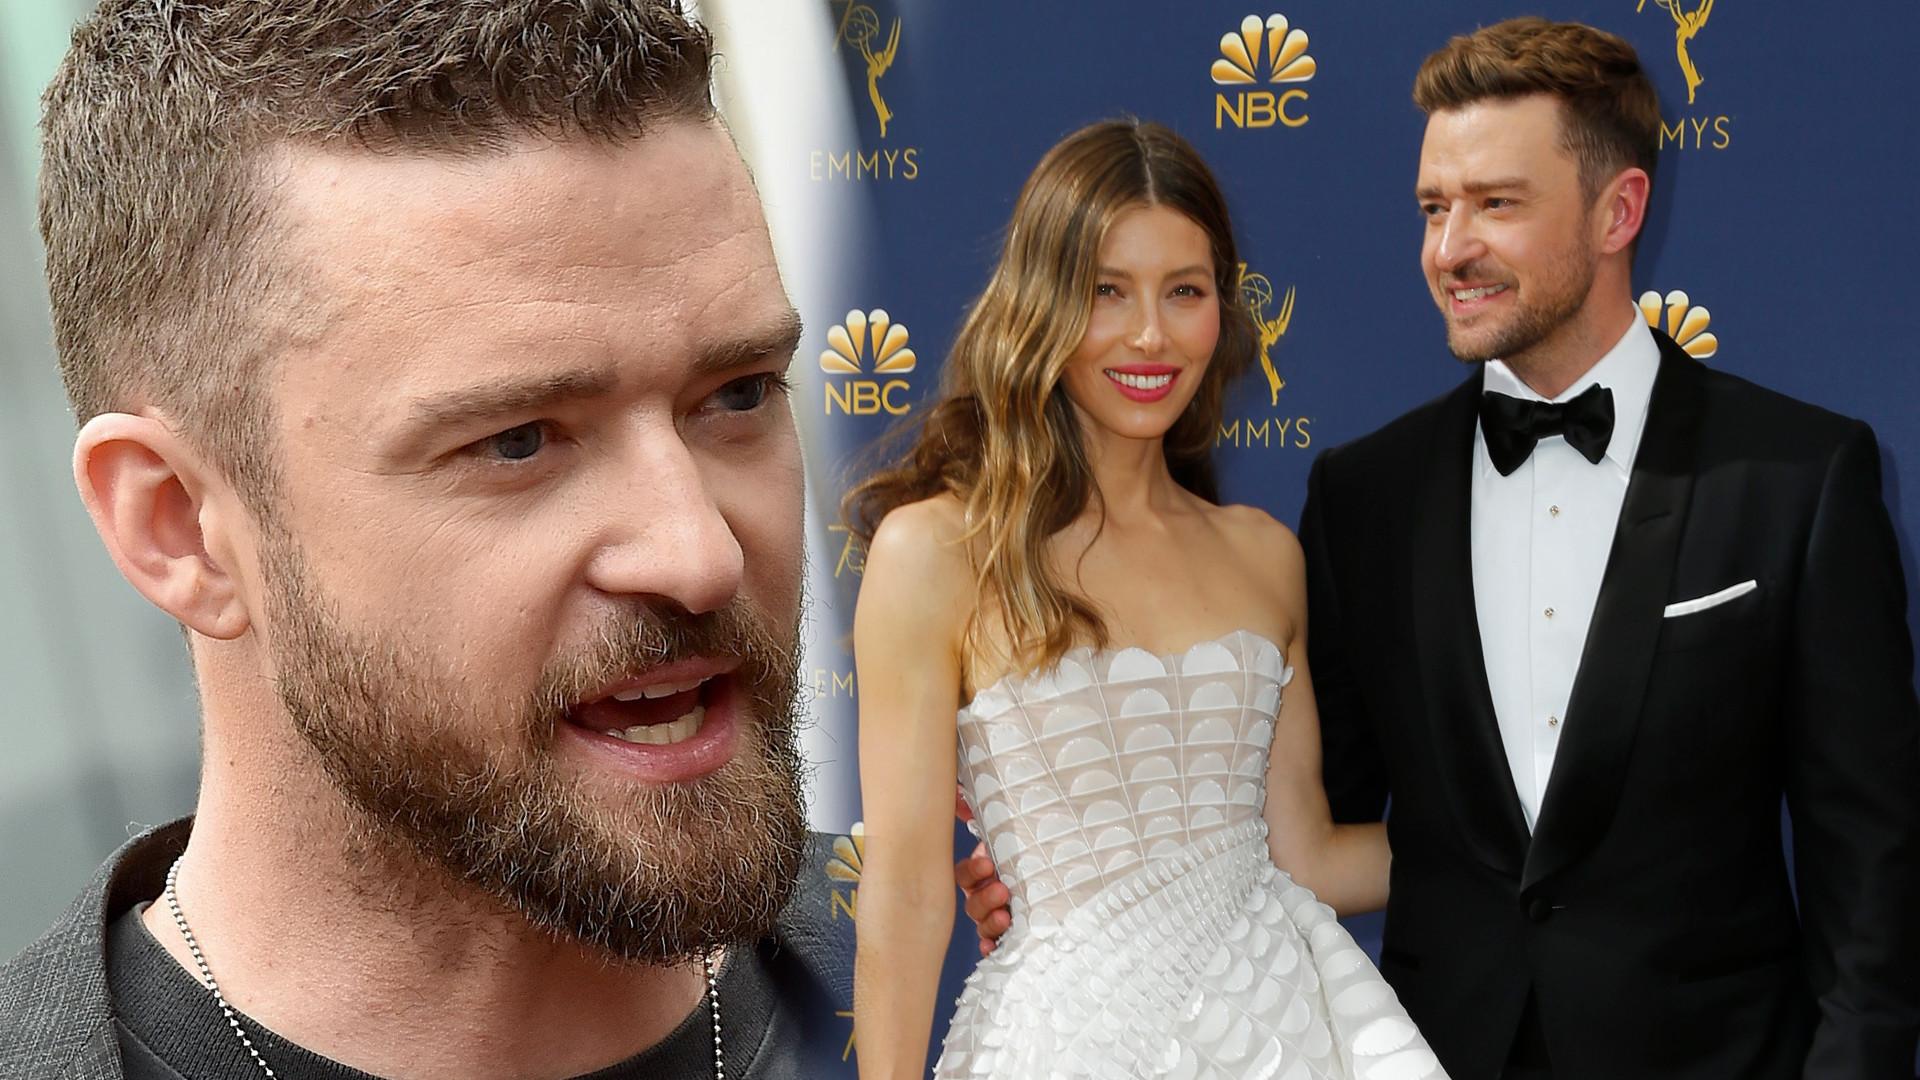 Justin Timberlake odwołał koncerty, ma problemy zdrowotne